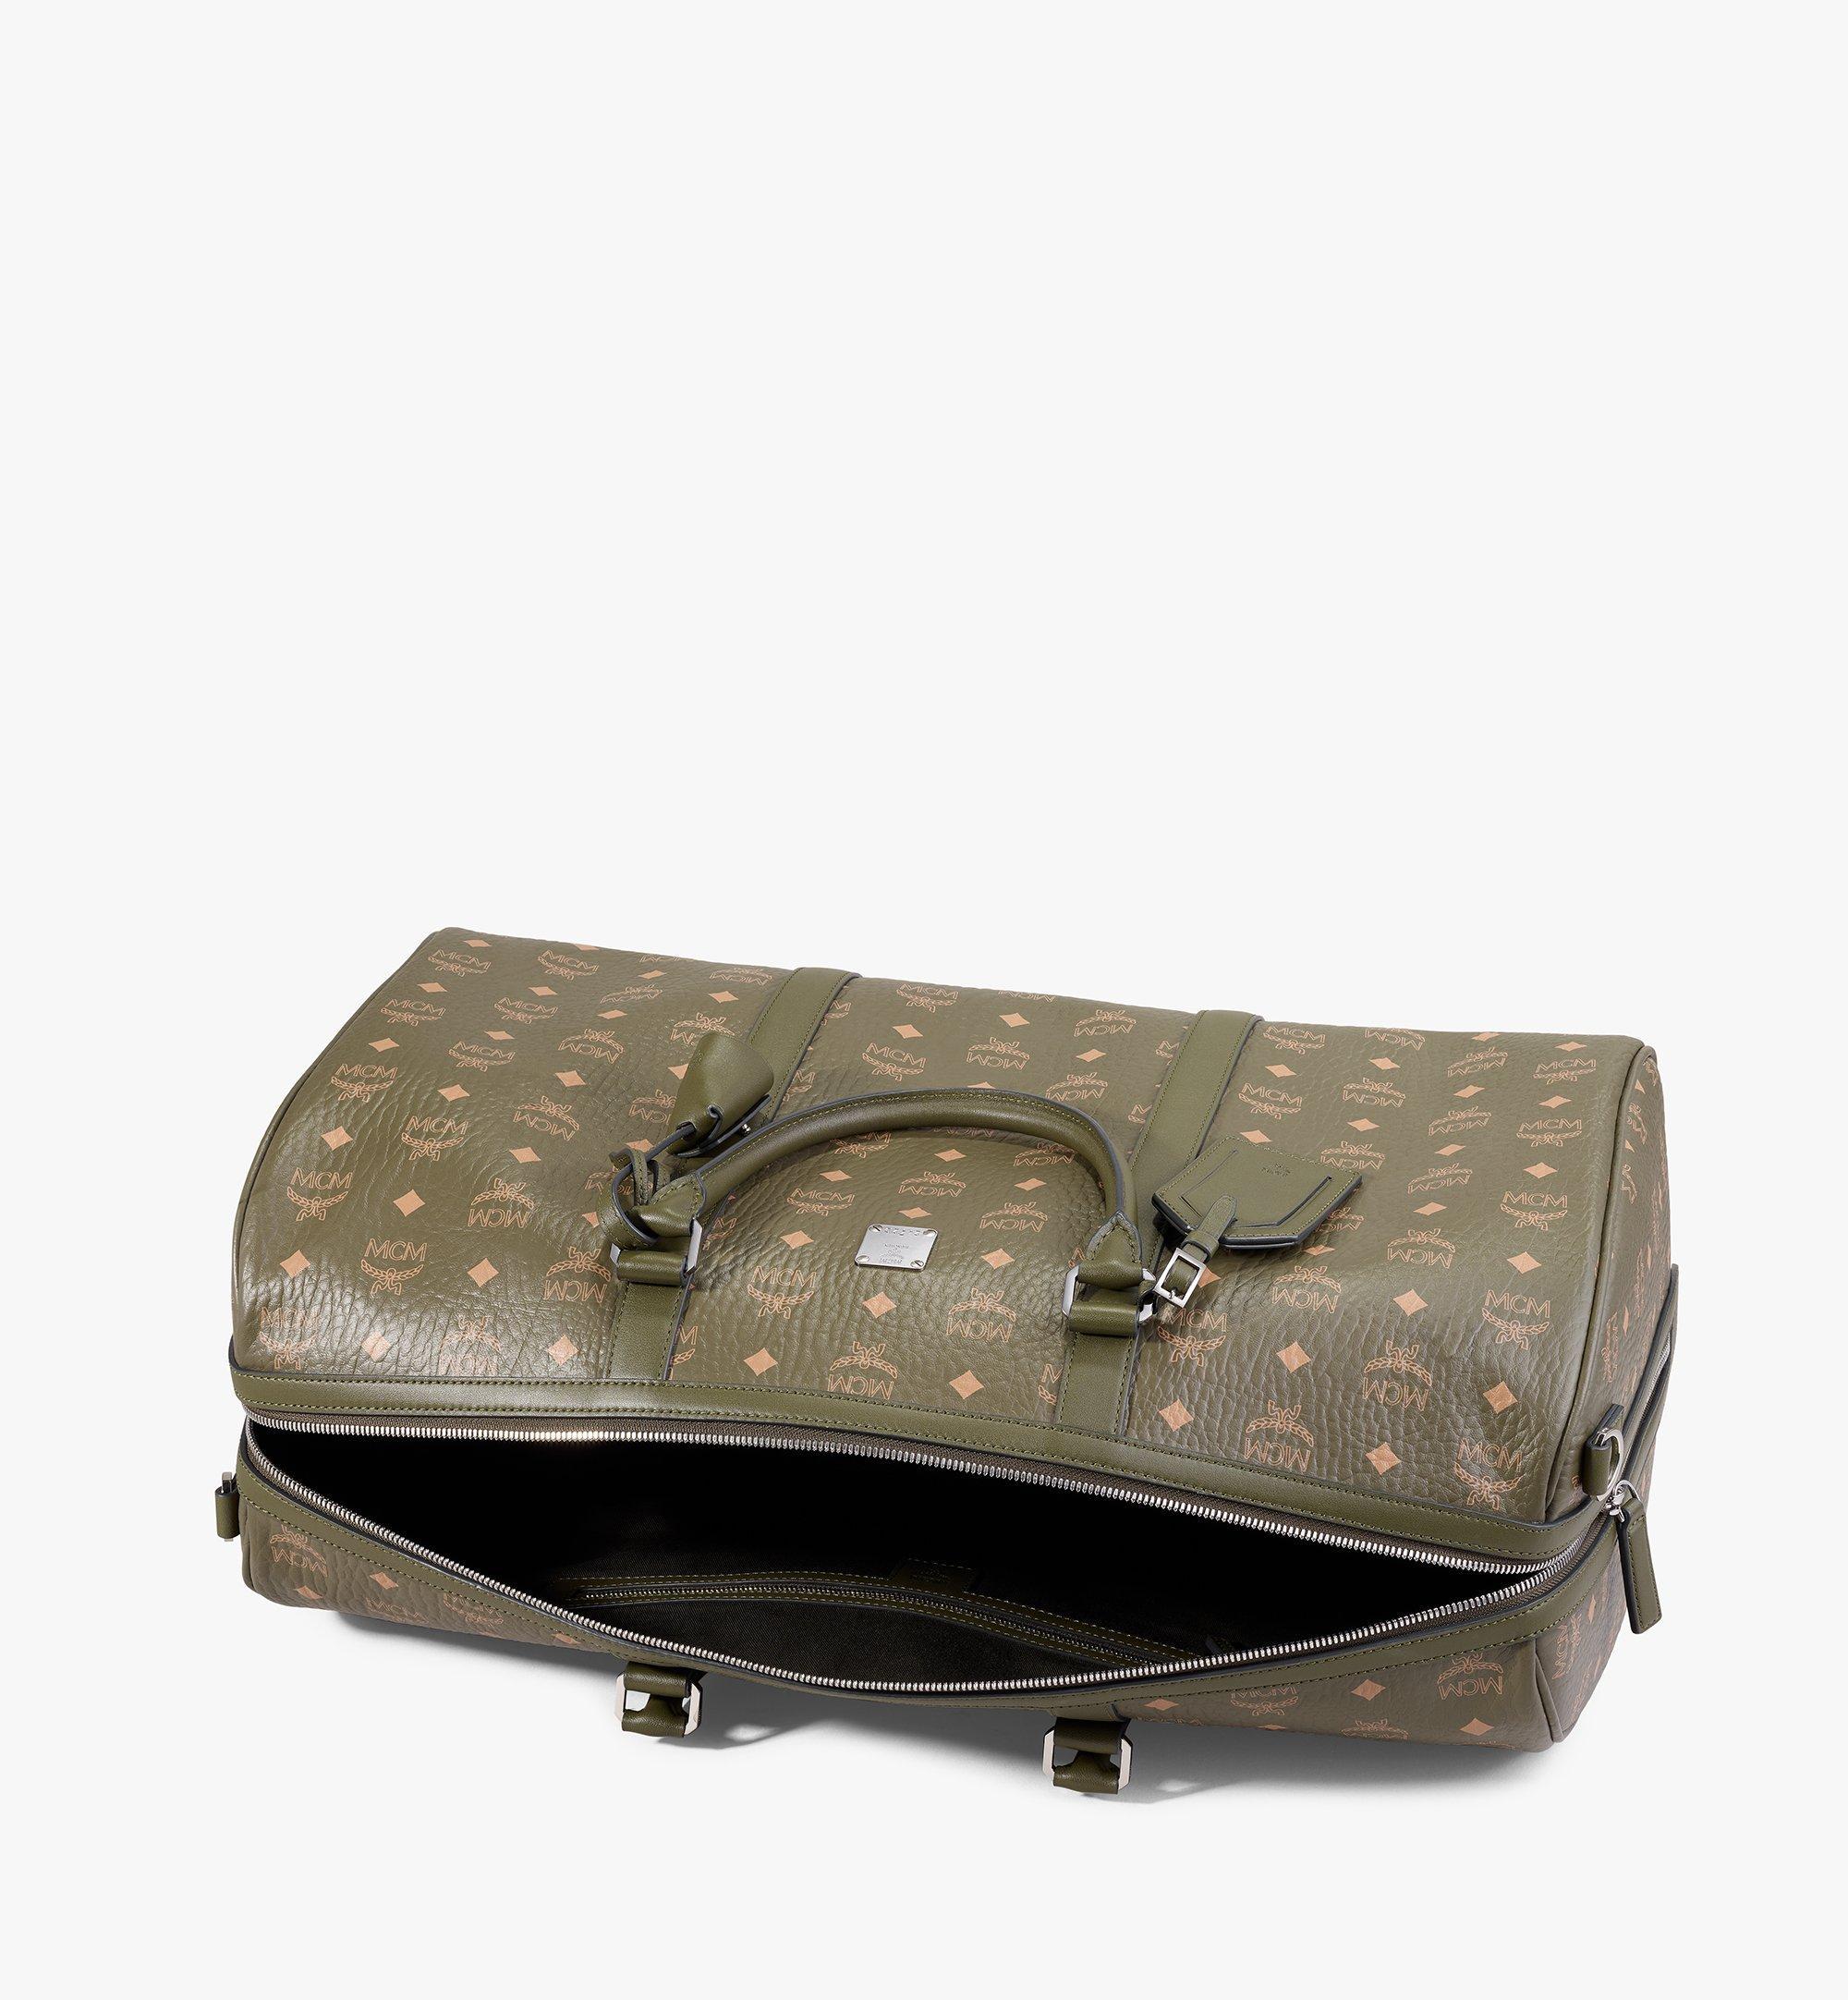 MCM Traveler Weekender Bag in Visetos Green MMVAAVY02JH001 Alternate View 2